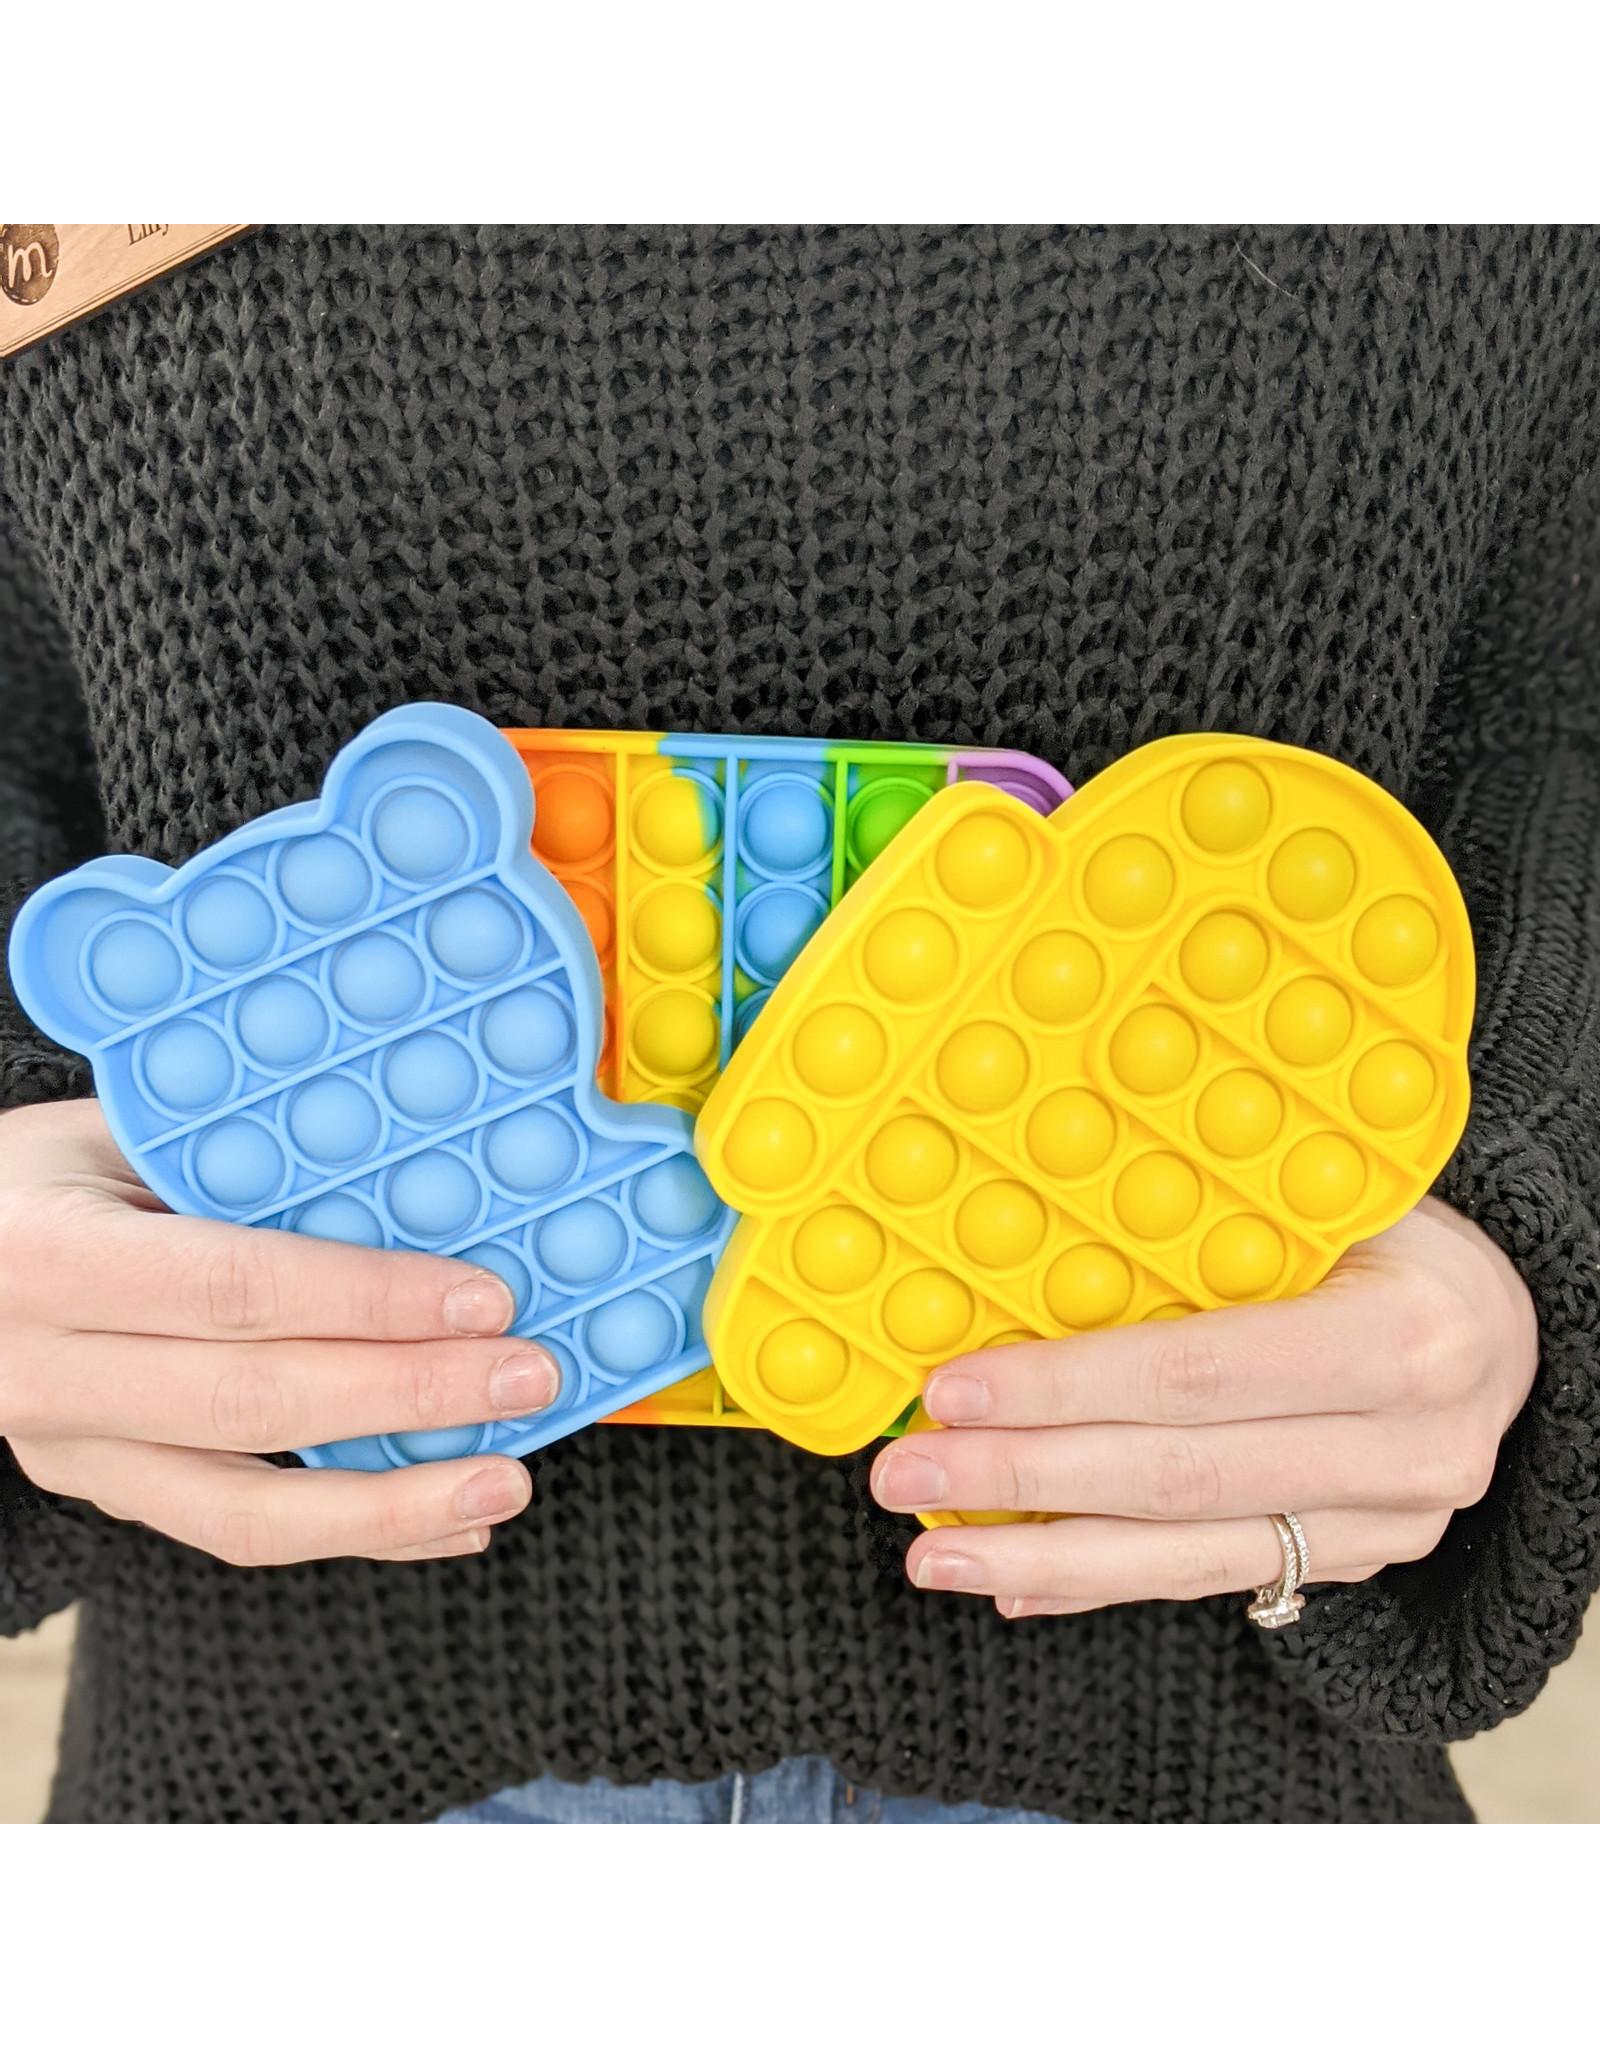 Hanjie Pop It Fidget Toy